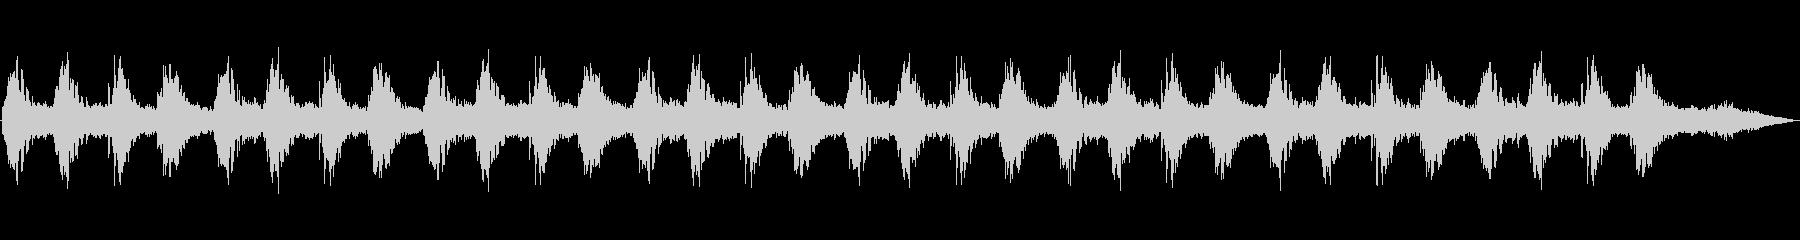 幻想的なアンビエントの未再生の波形